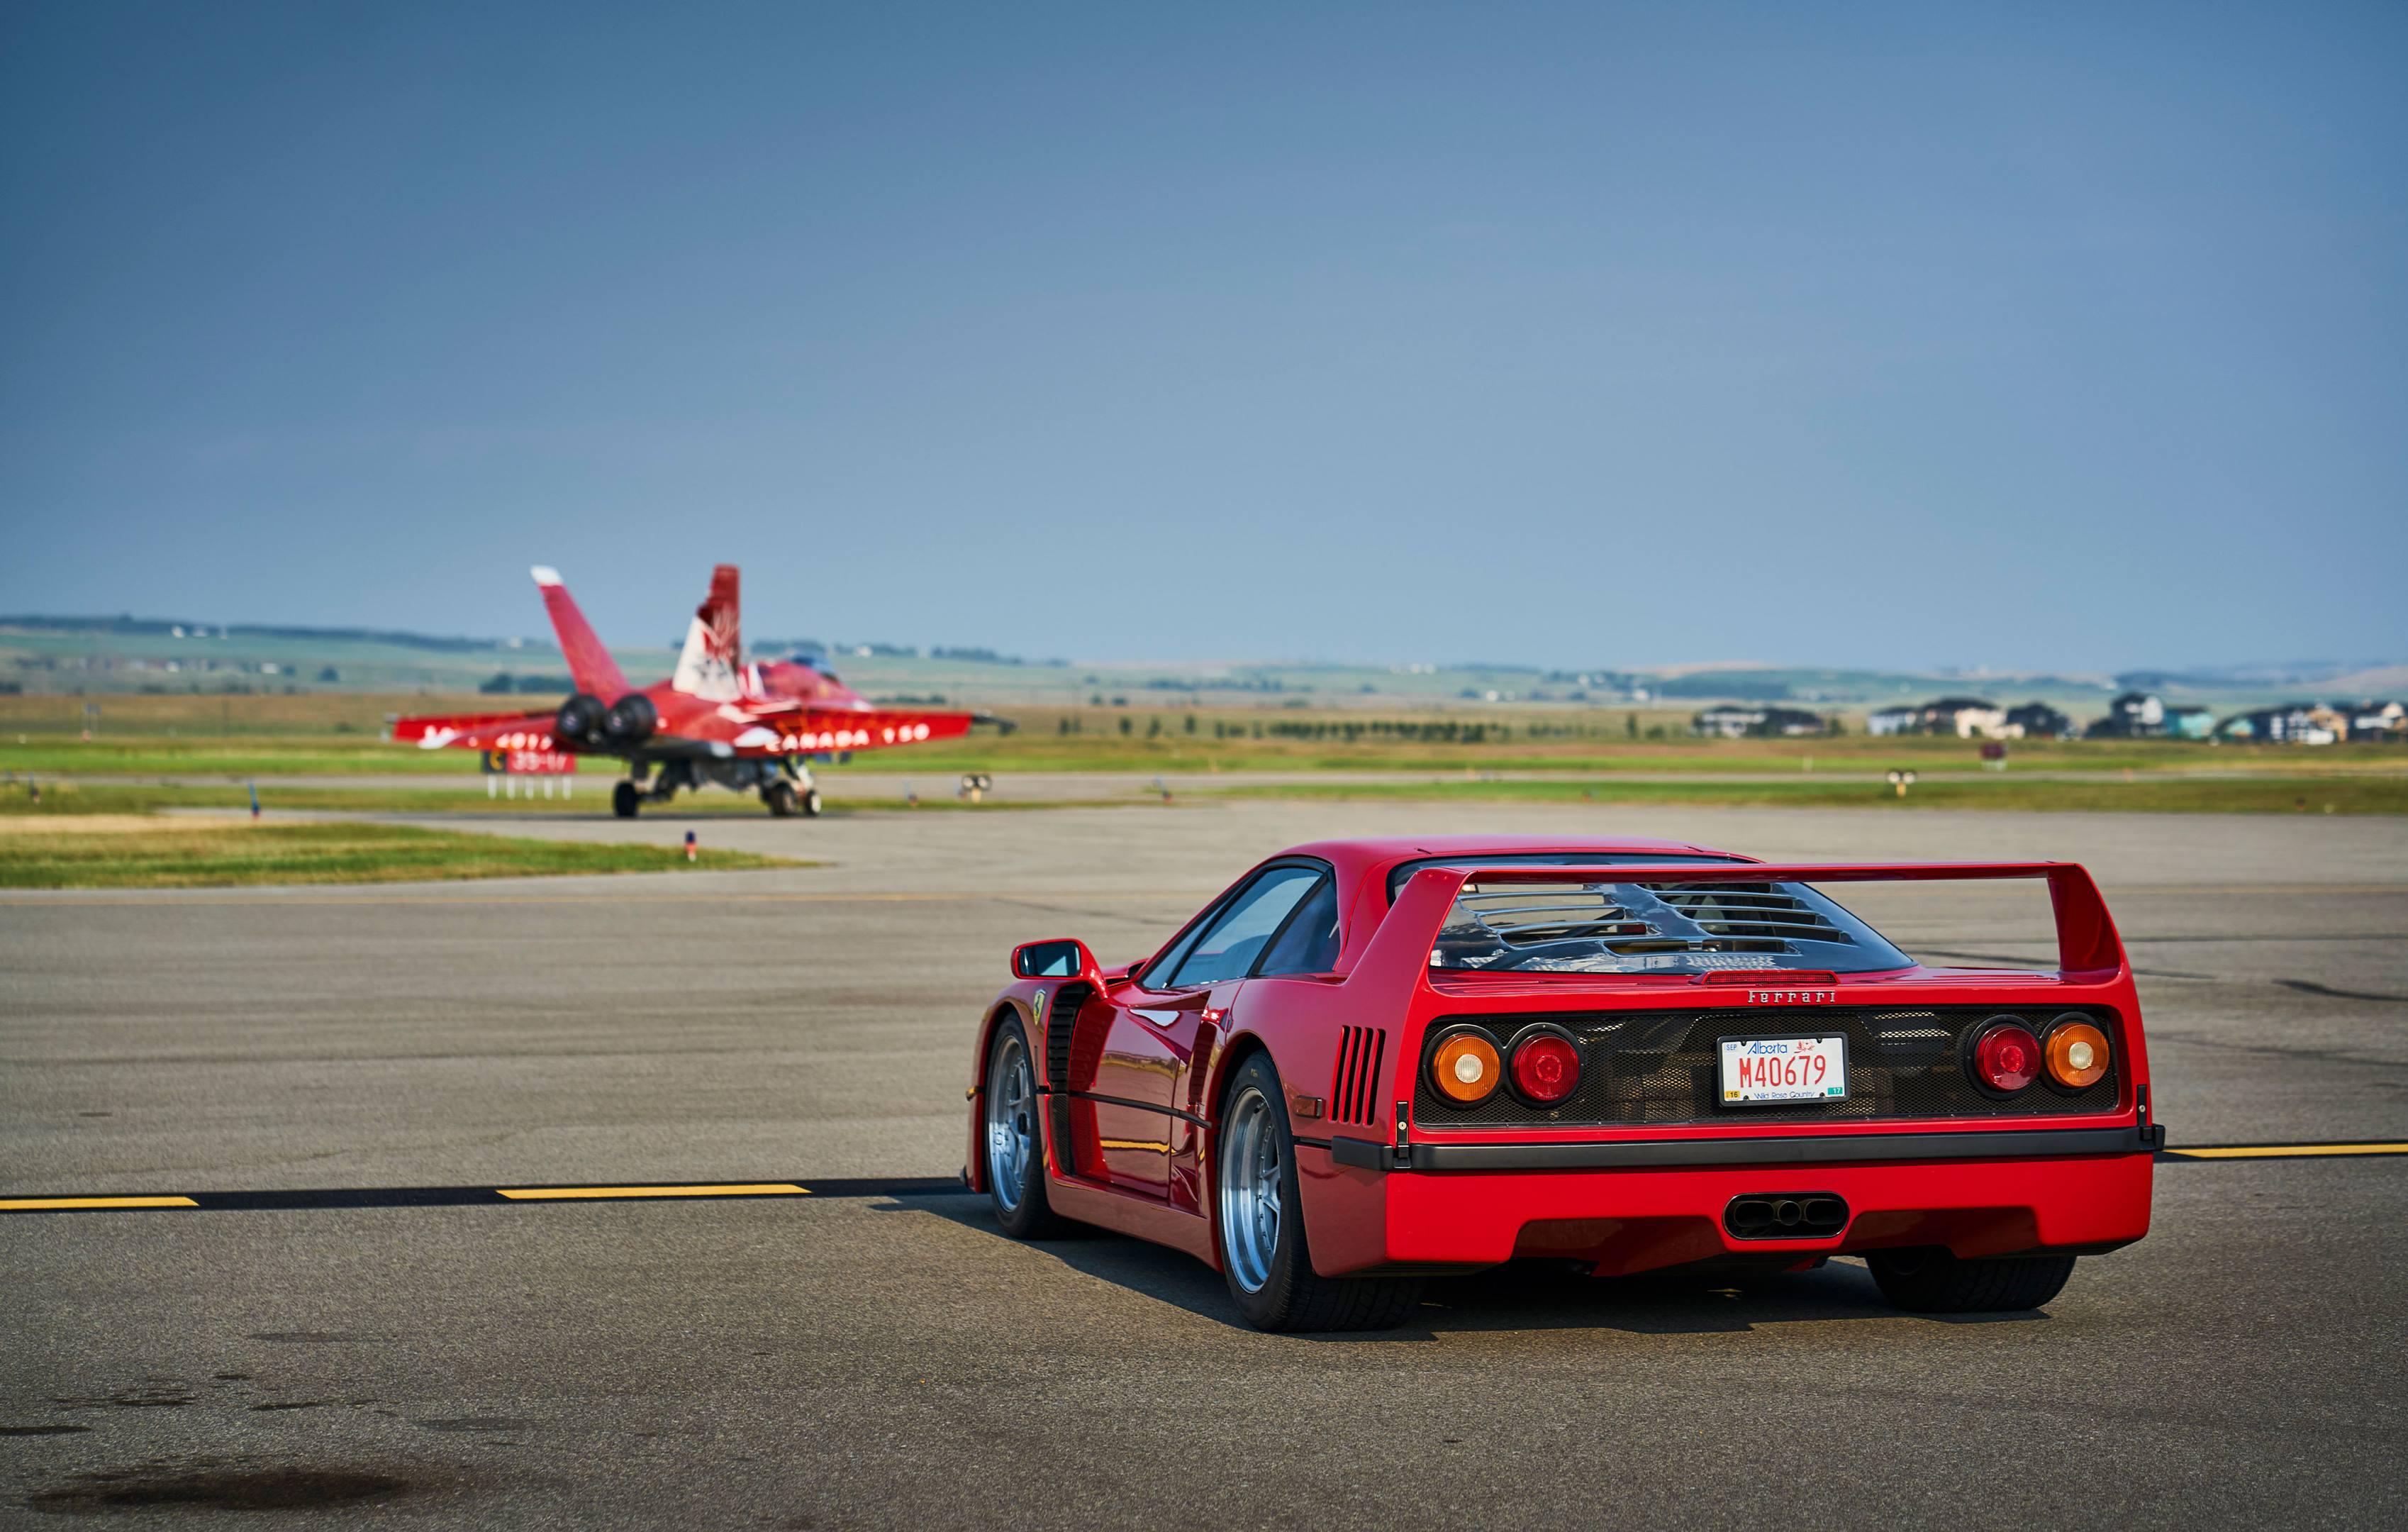 Ferrari F40 rear 3/4